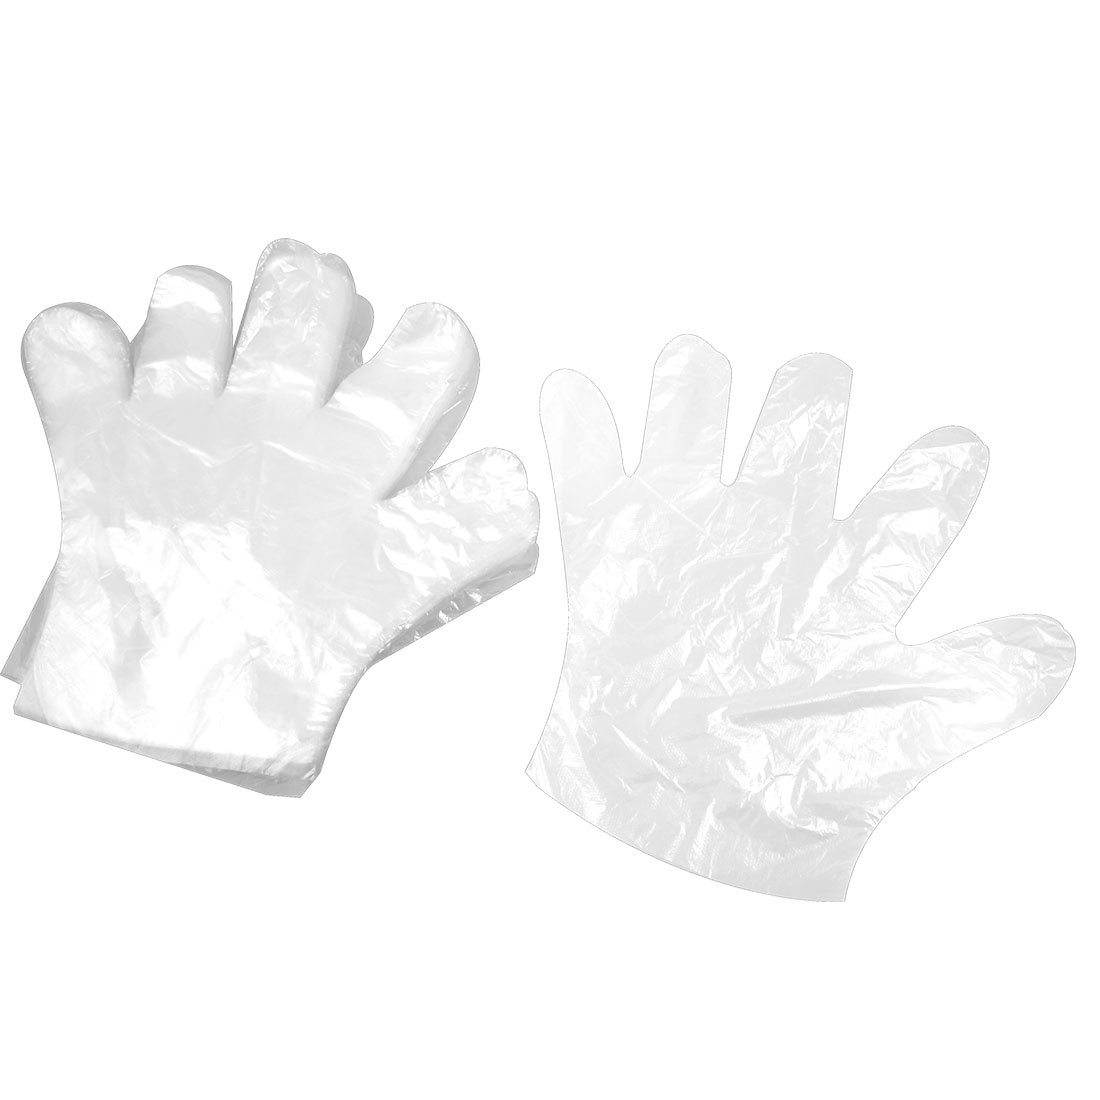 Wholesale 5* Plastic Service Disposable Gloves 48 Pcs ...